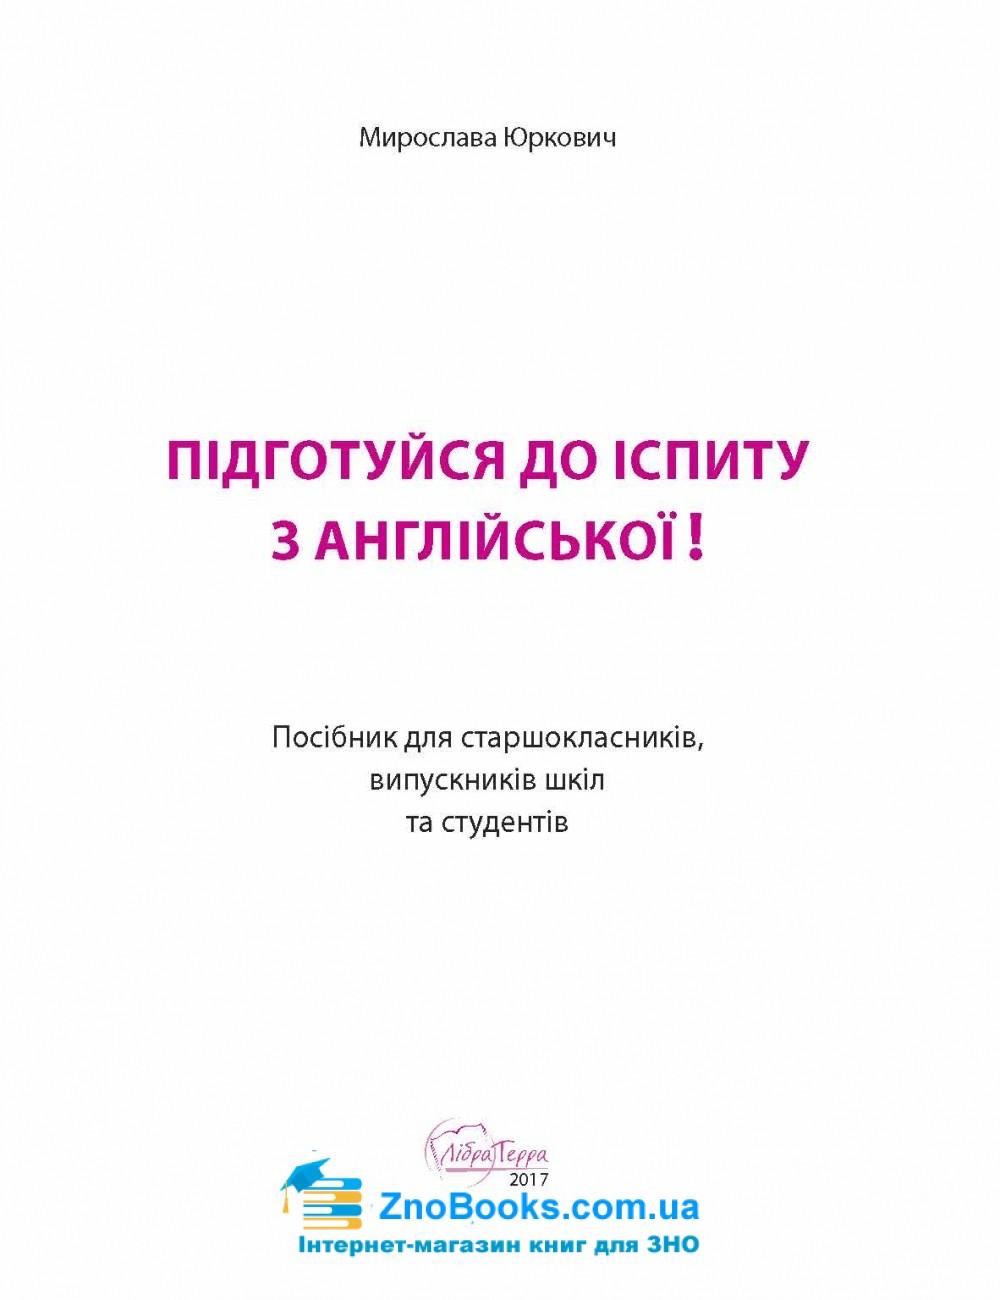 Тренажер для підготовки до ЗНО з англійської мови level B2+аудіо : Юркович М. Лібра терра. купити 1